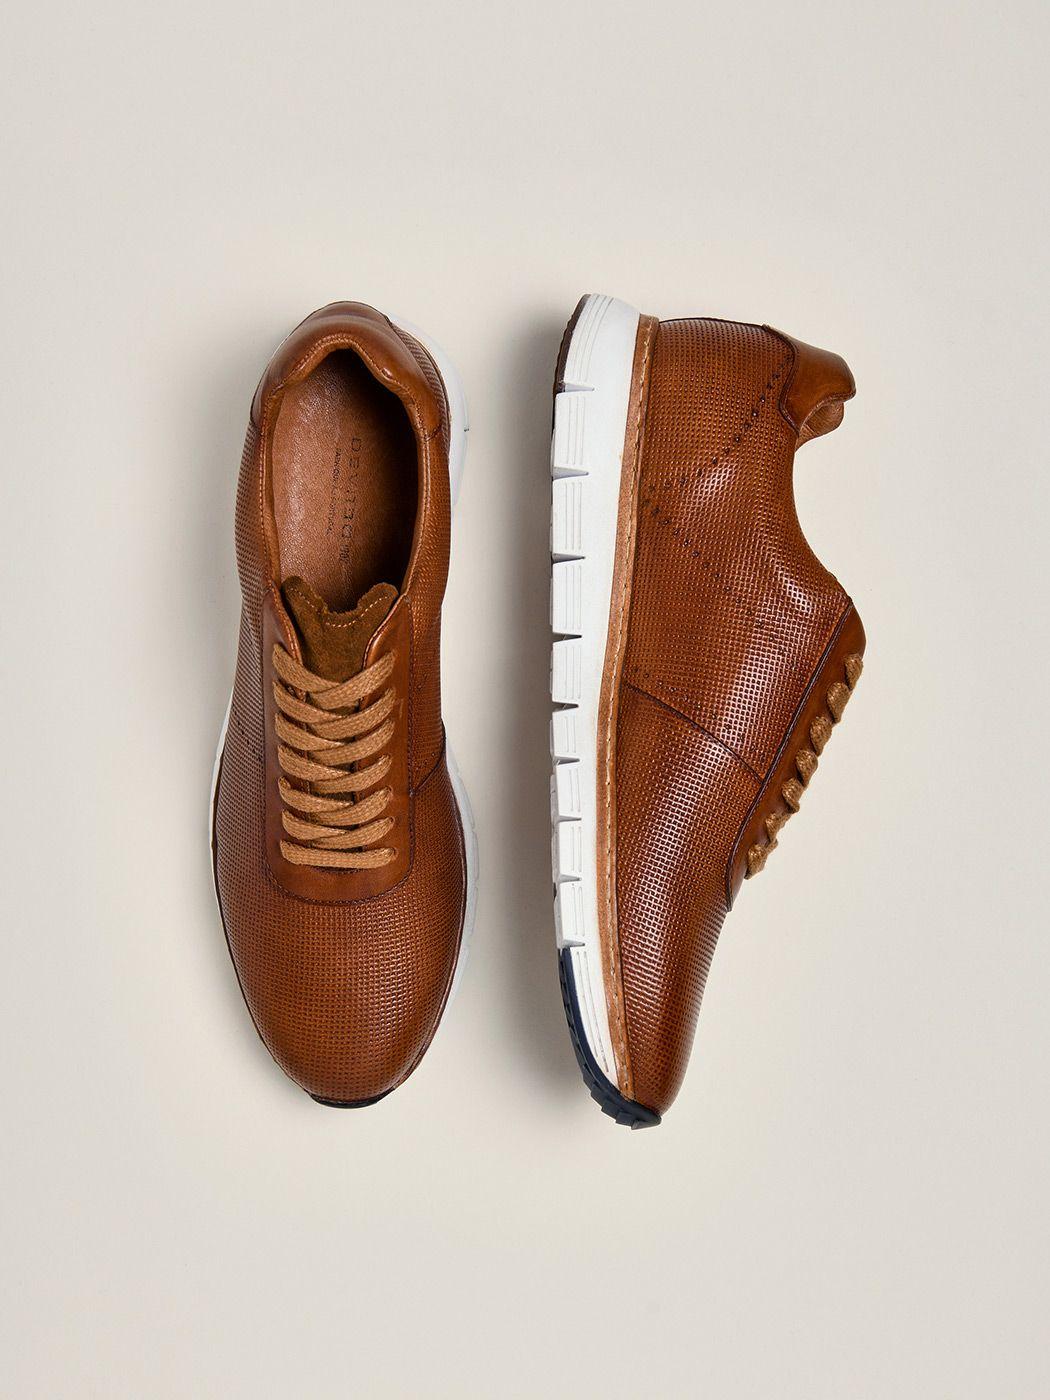 Chaussures homme en cuir marron clair